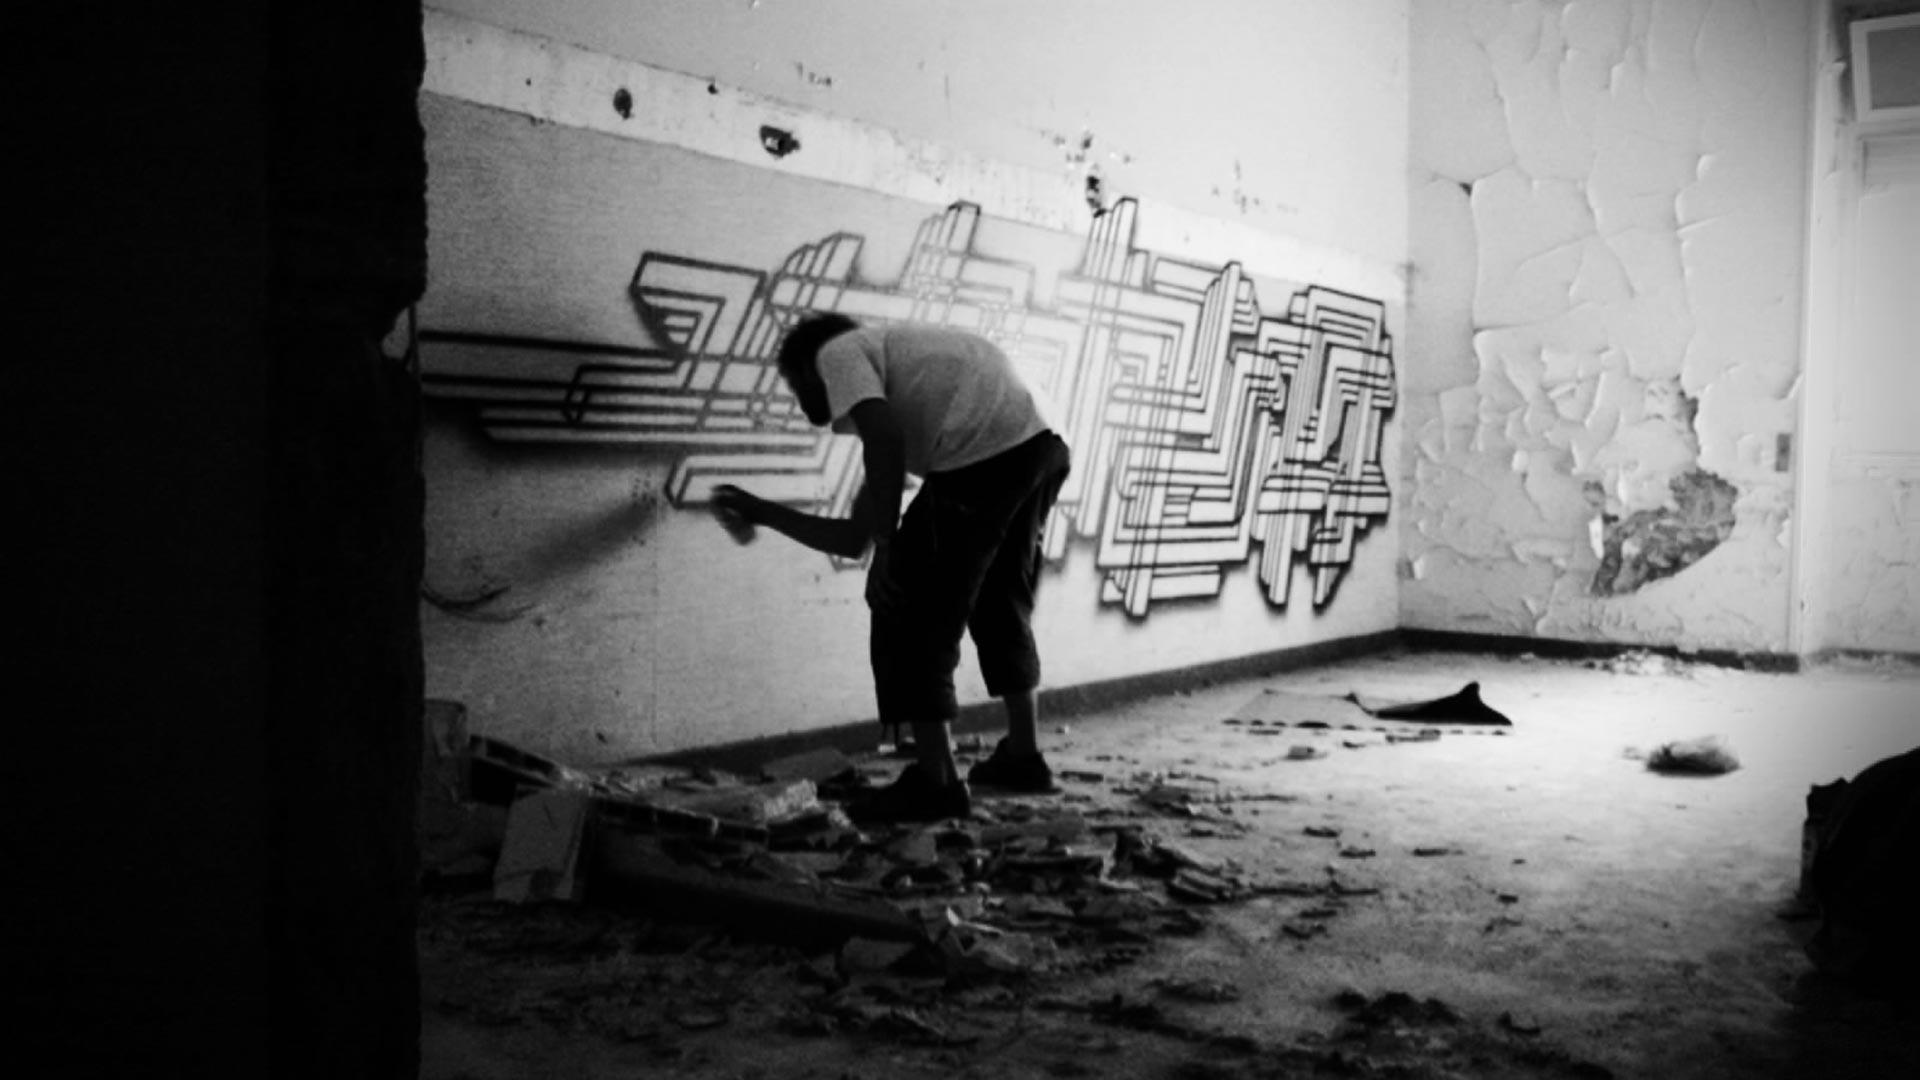 Keyler - Graffiti